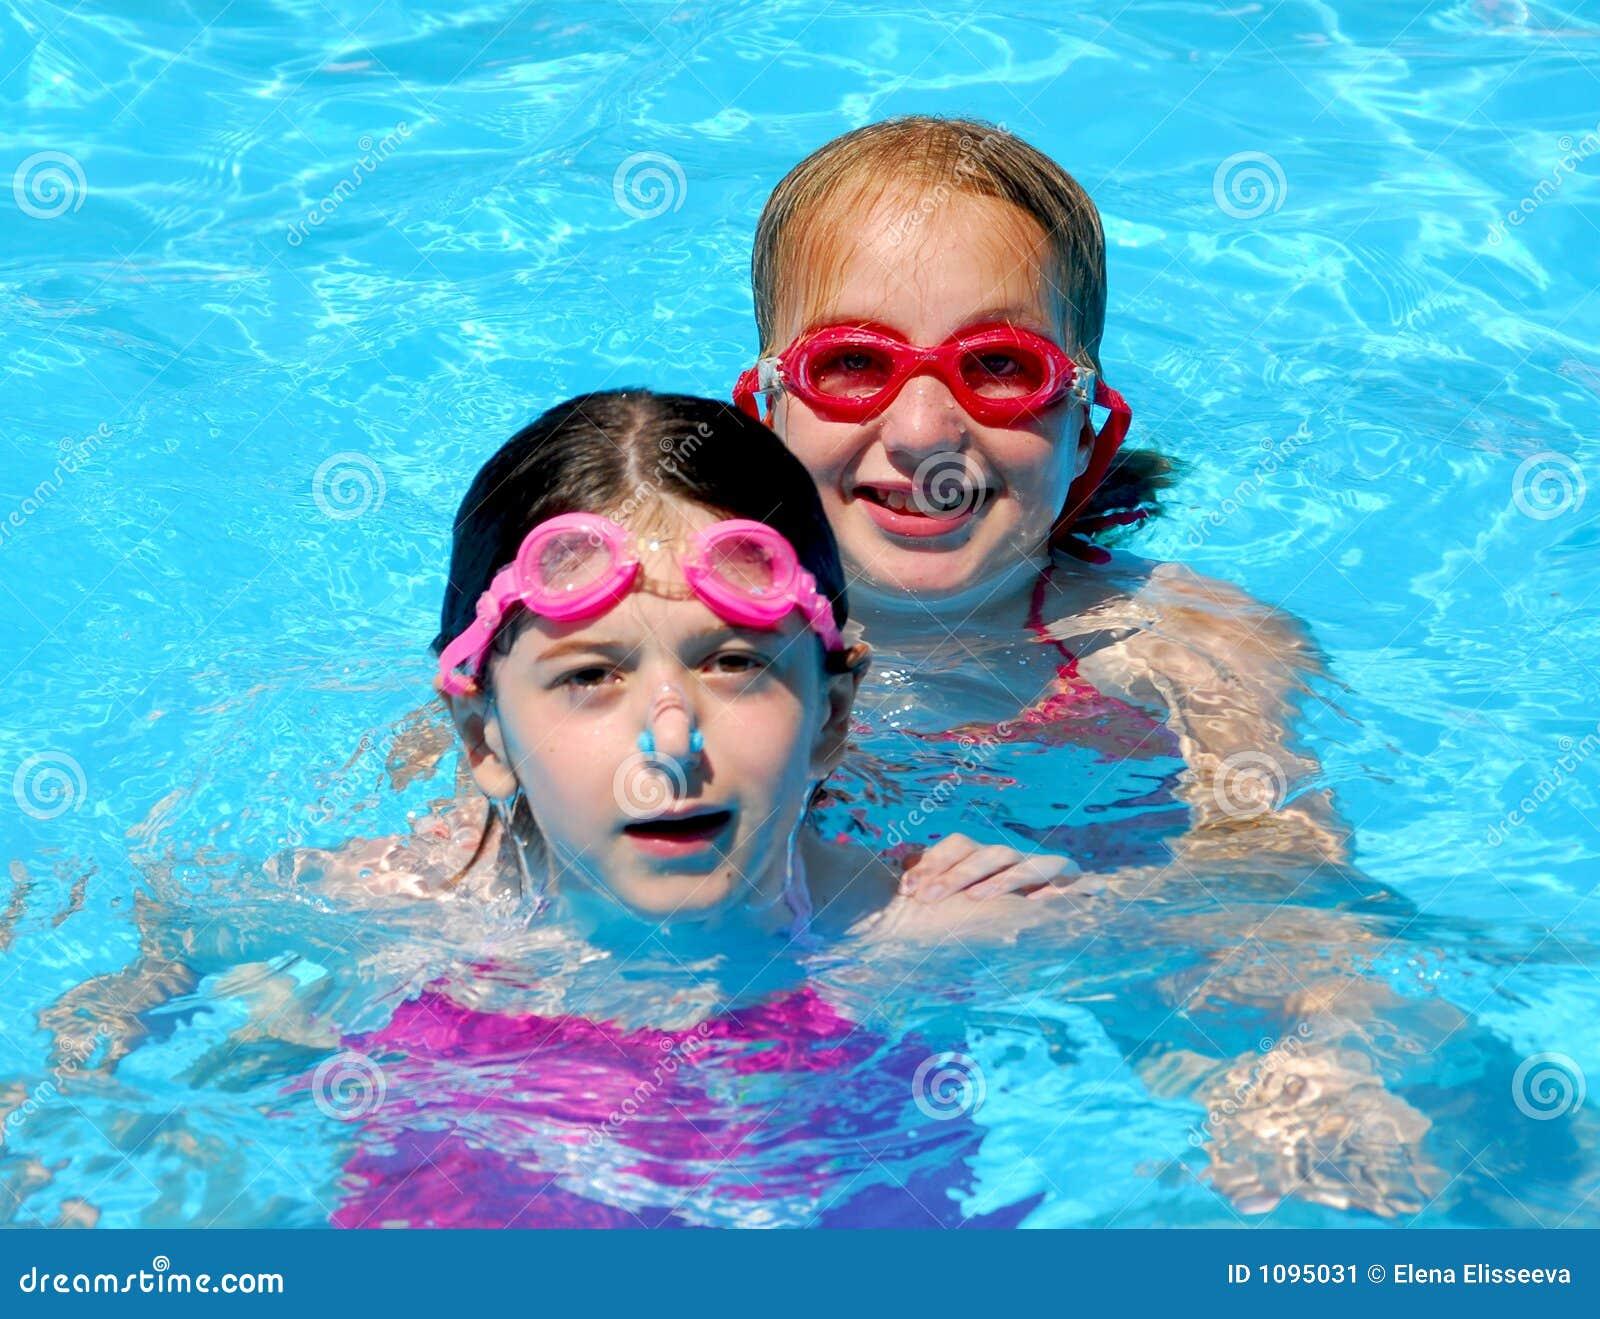 Dziecko dziewczyn basenu